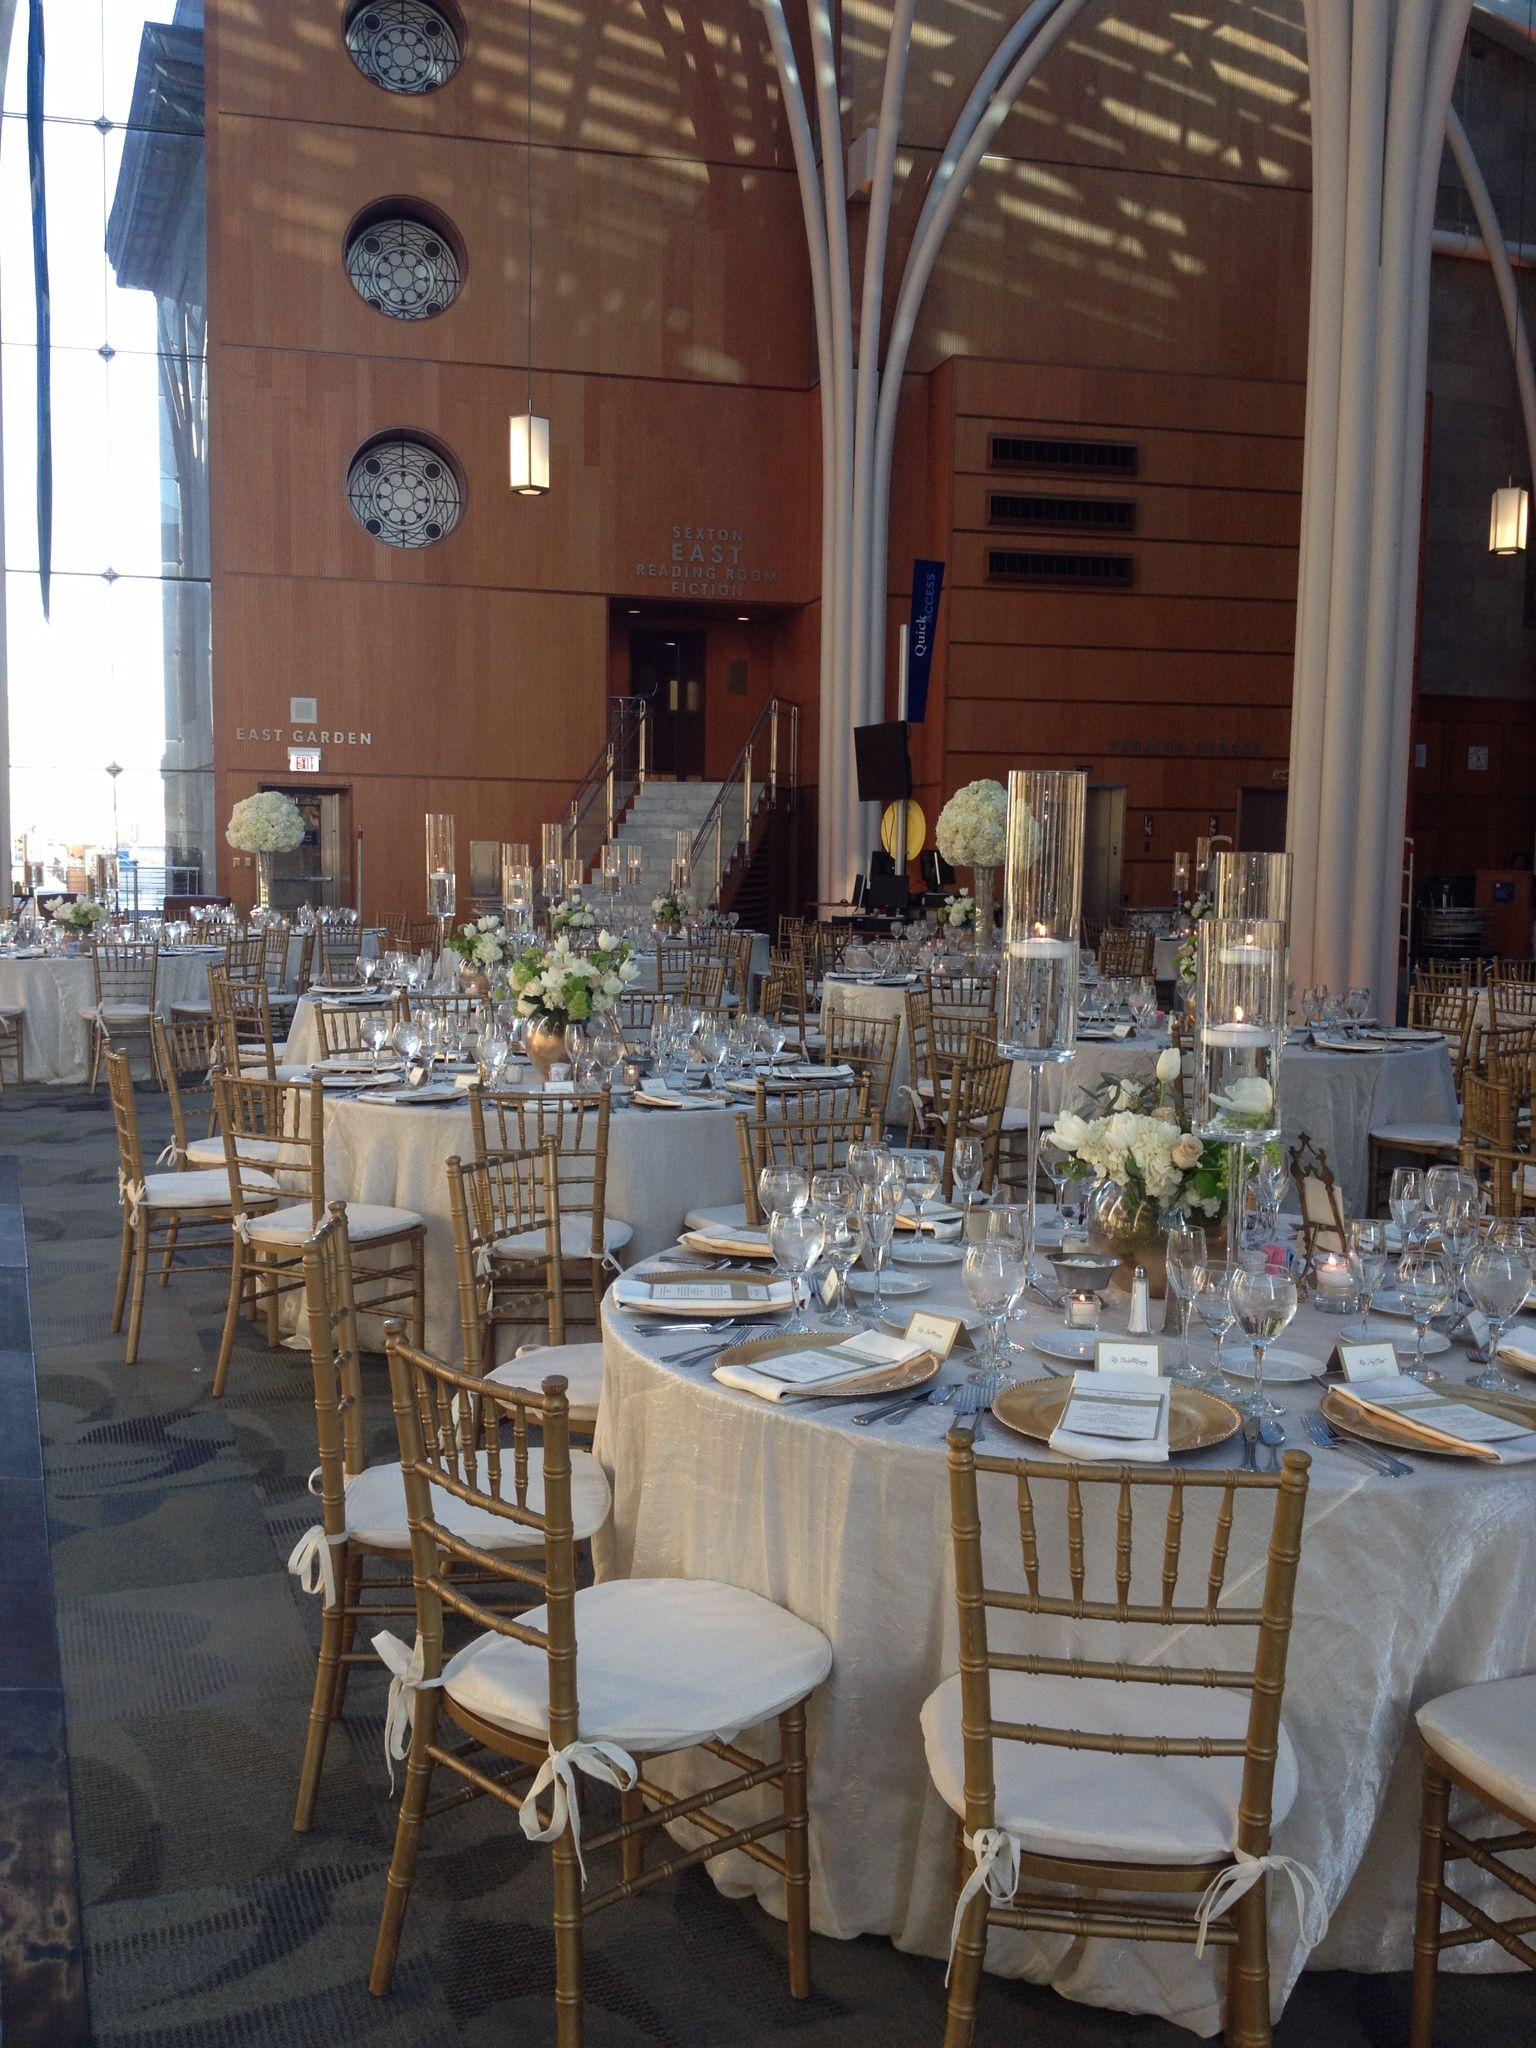 39+ Wedding venues indianapolis library information